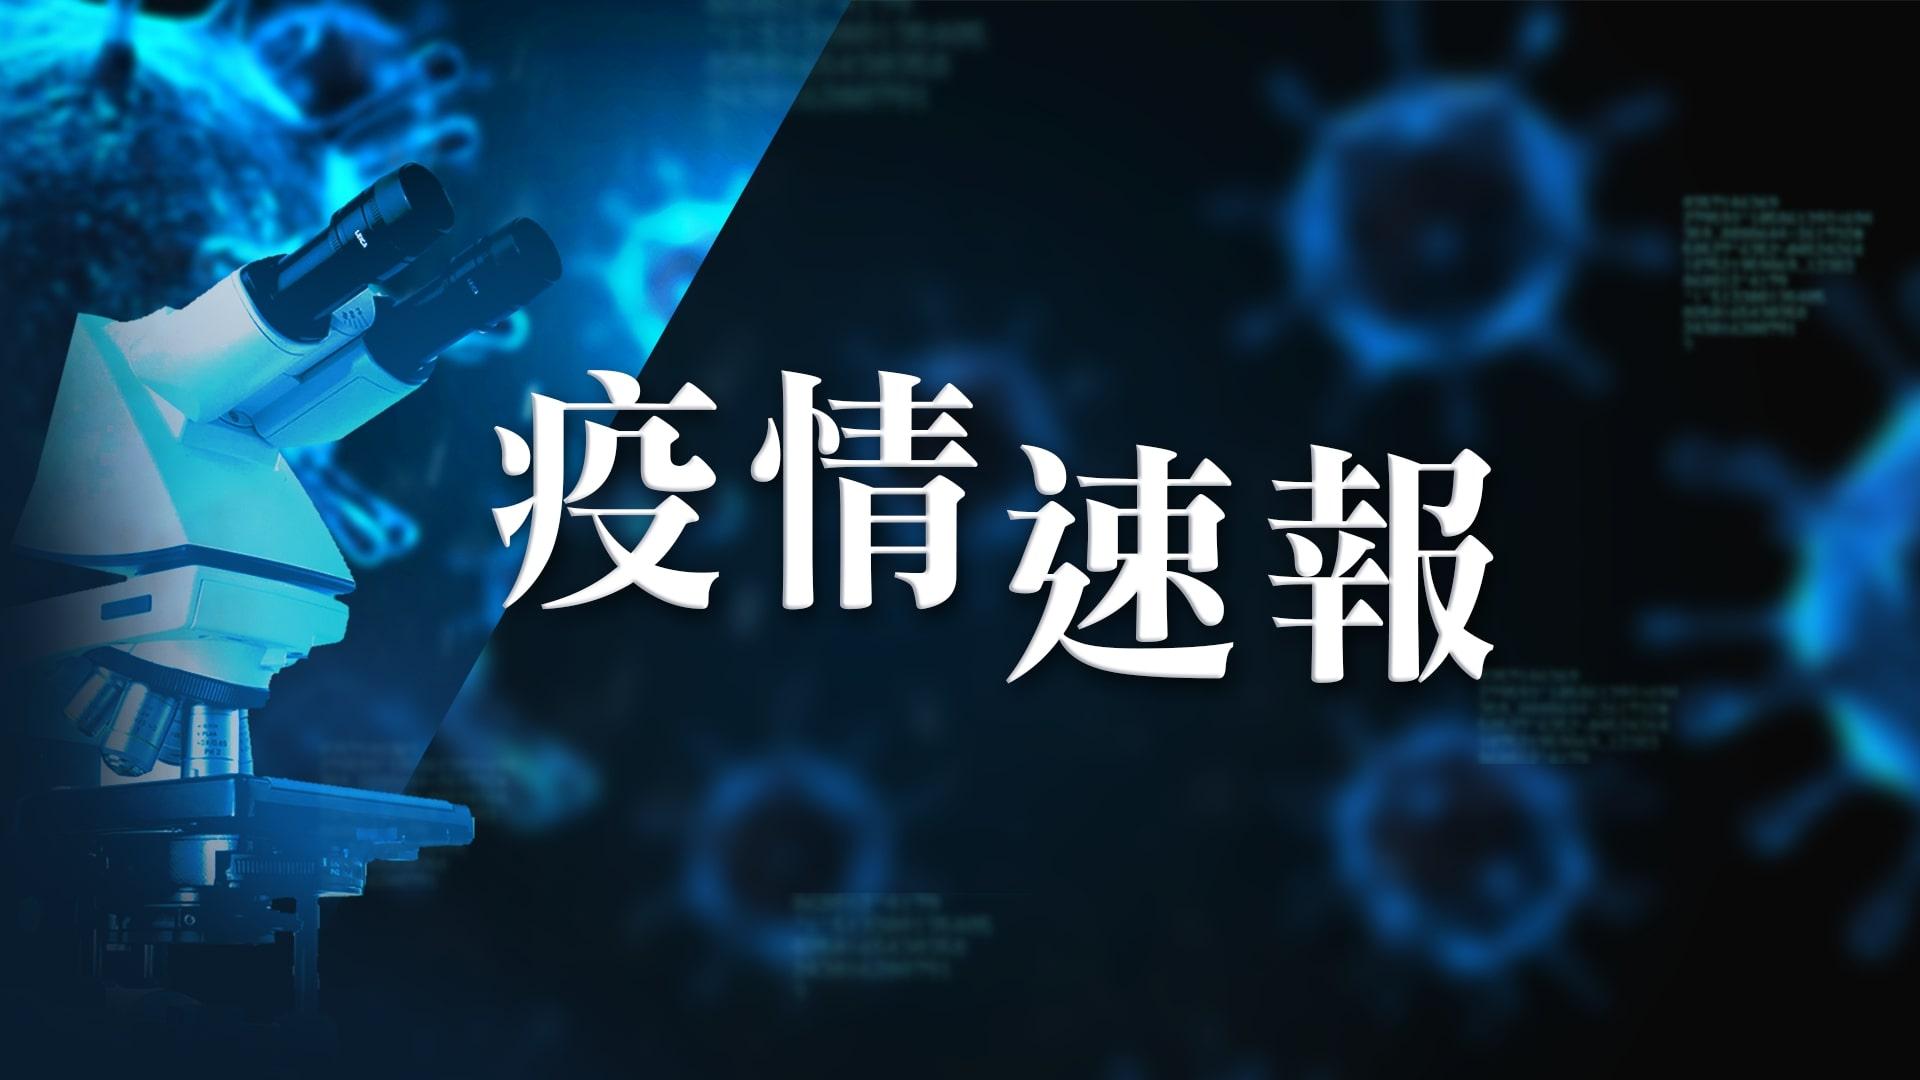 【2月20日疫情速報】(22:30)